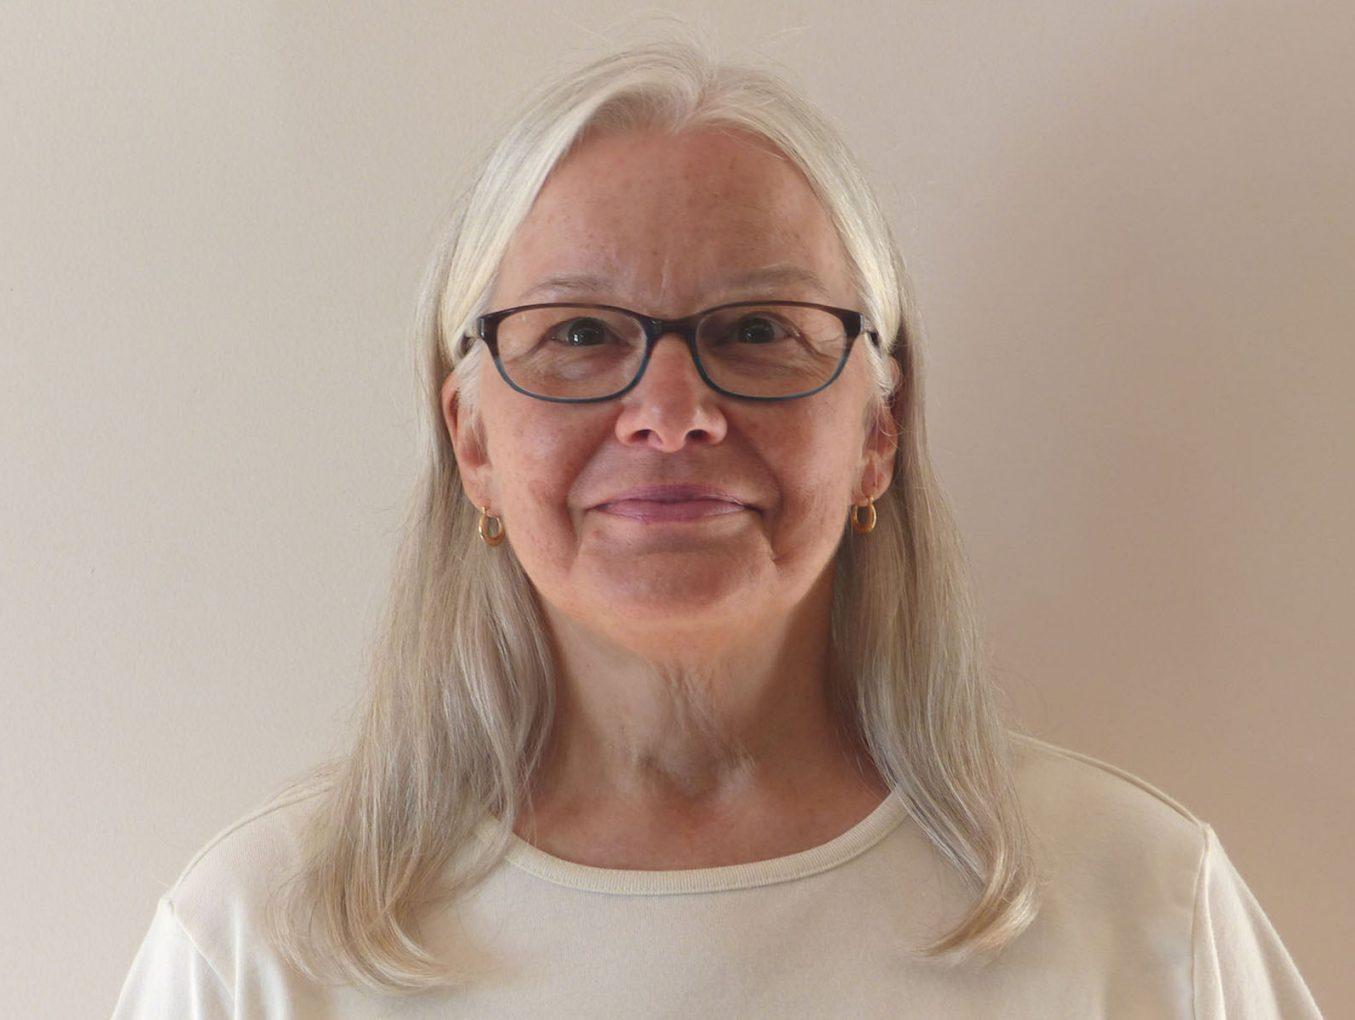 Karen Hocker's Bio